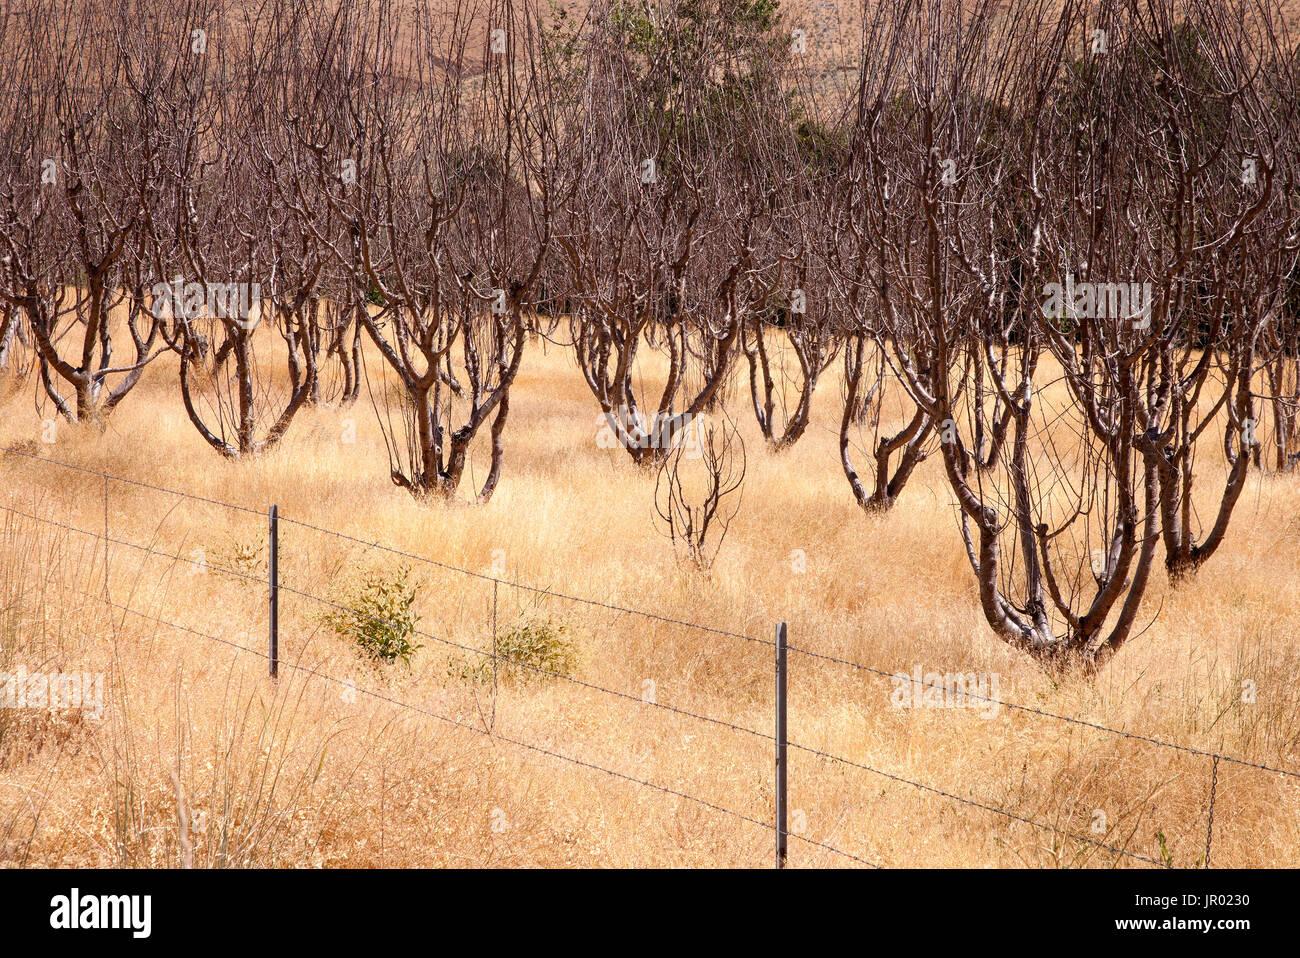 Parched Grove, Yakama WA. - Stock Image